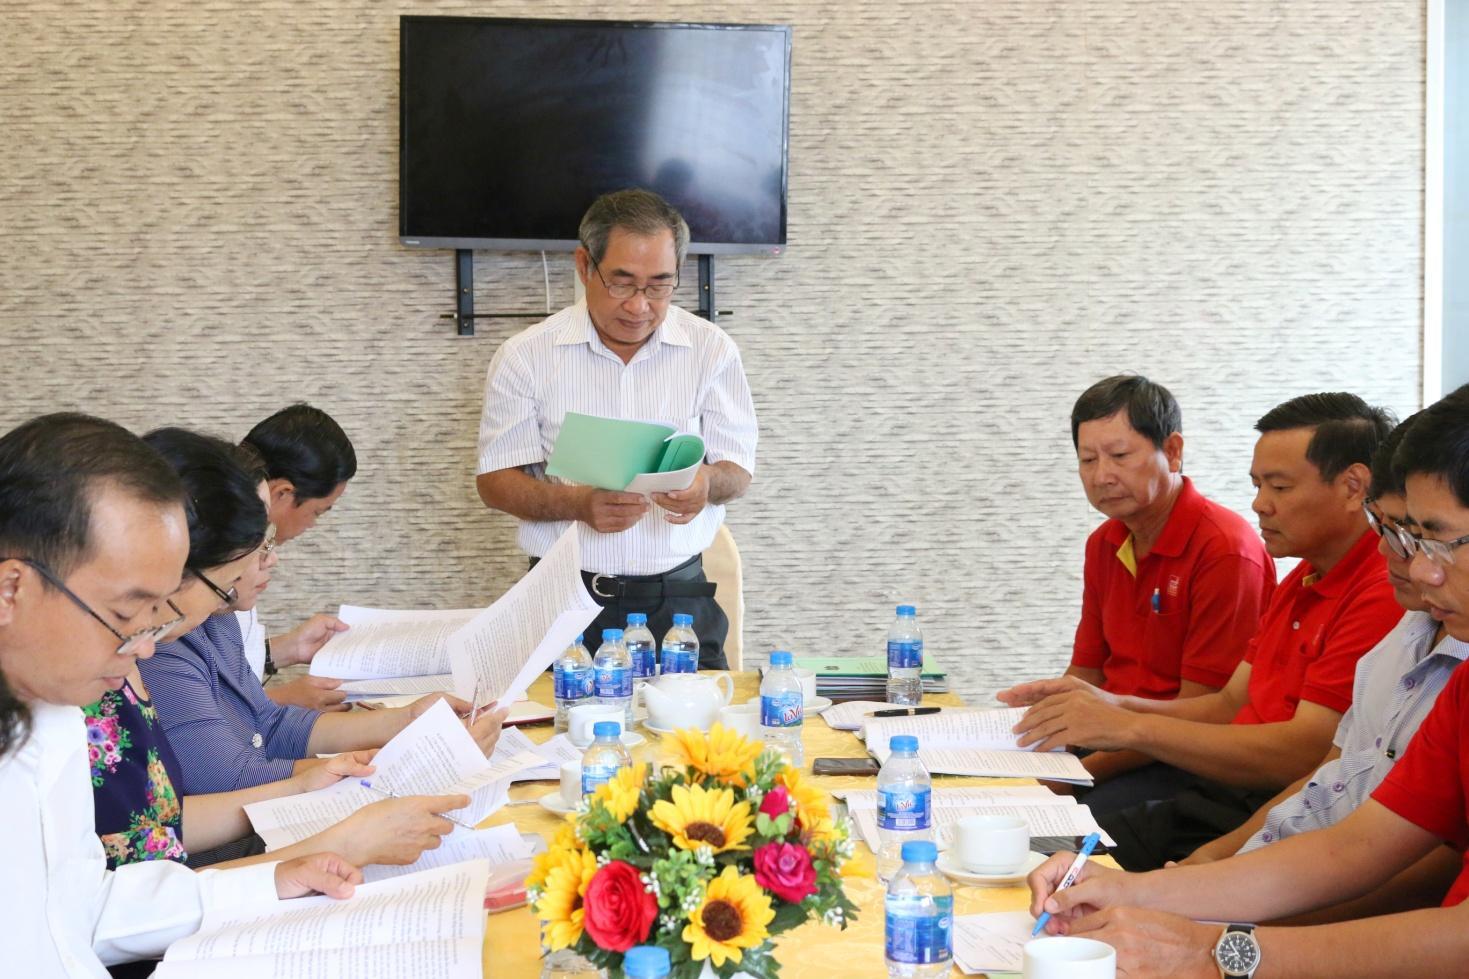 2. Đồng chí Nguyễn Văn Hung – Phó Bí Thư Đảng ủy, Phó TGĐ Sao Mai Group báo cáo tại buổi họp.JPG